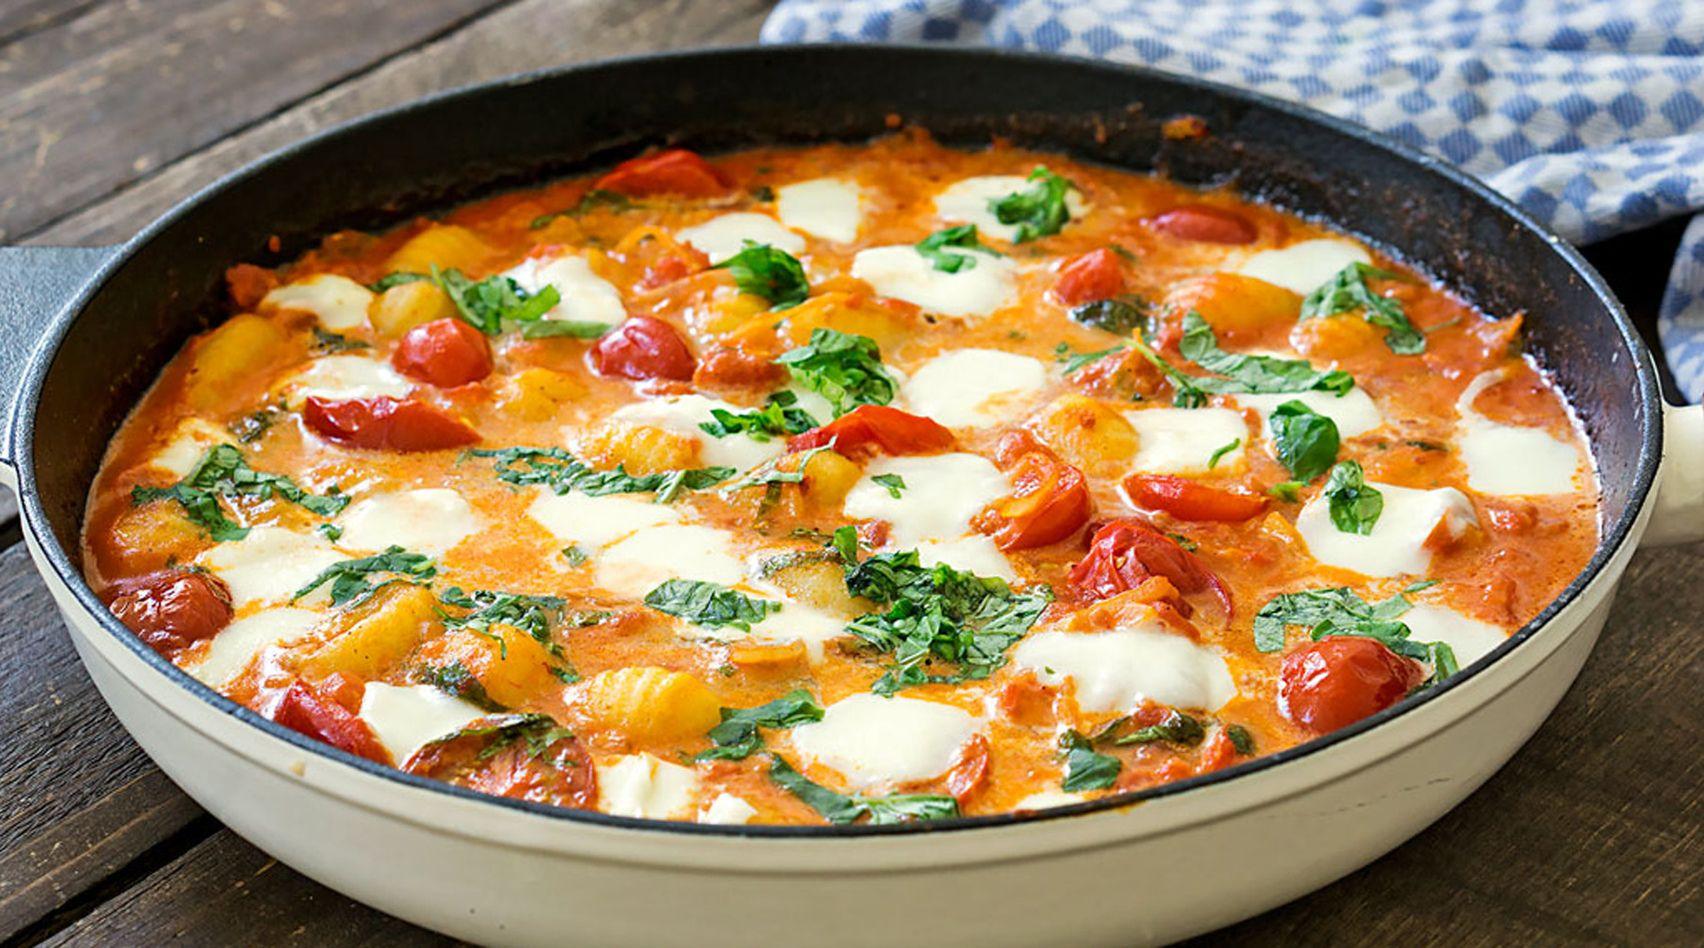 Photo of Recipe: Gnocchi with Tomato Sauce and Mozzarella | freundin.de